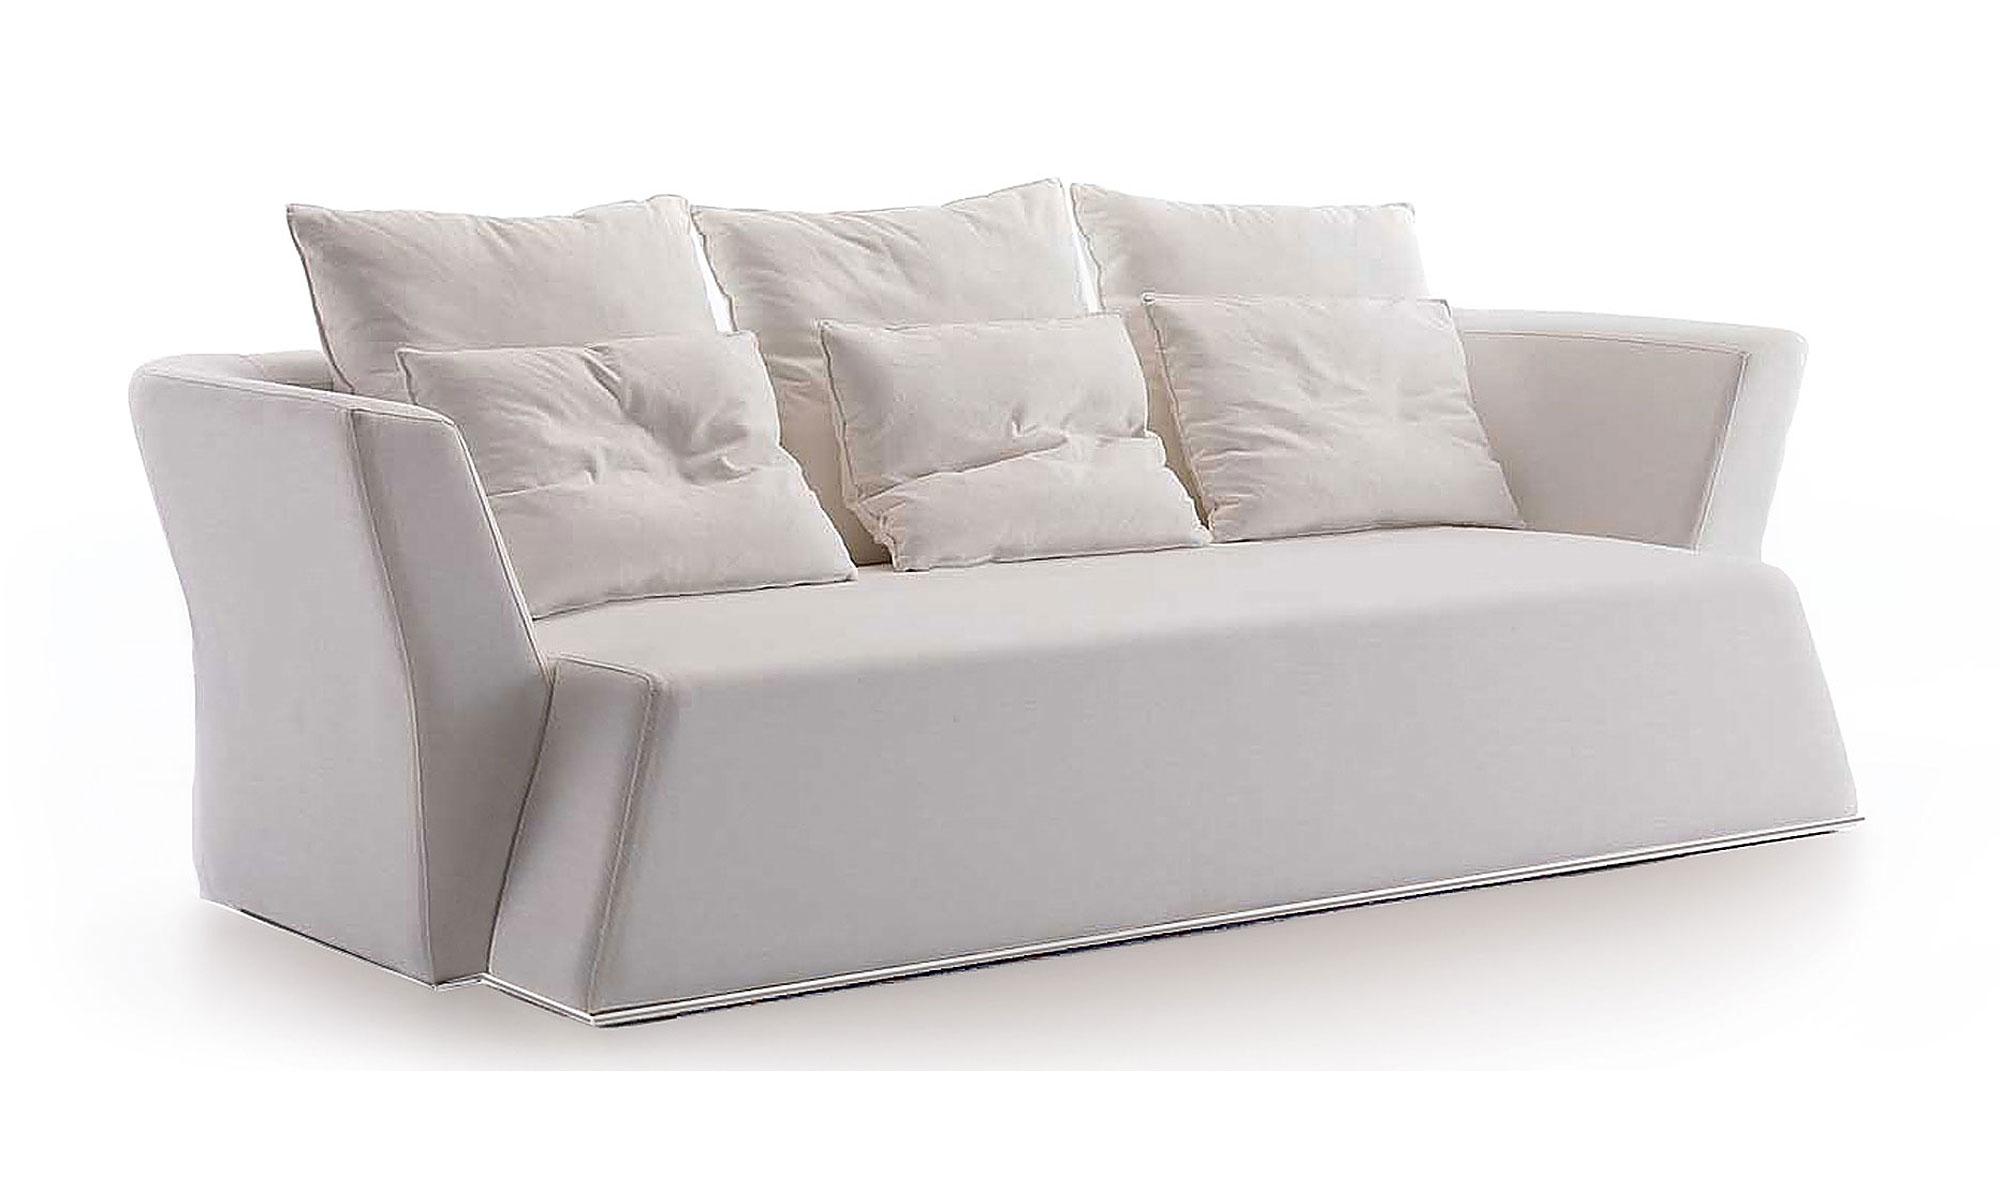 Sofa de dise o arko de lujo en tu for Sofas de lujo